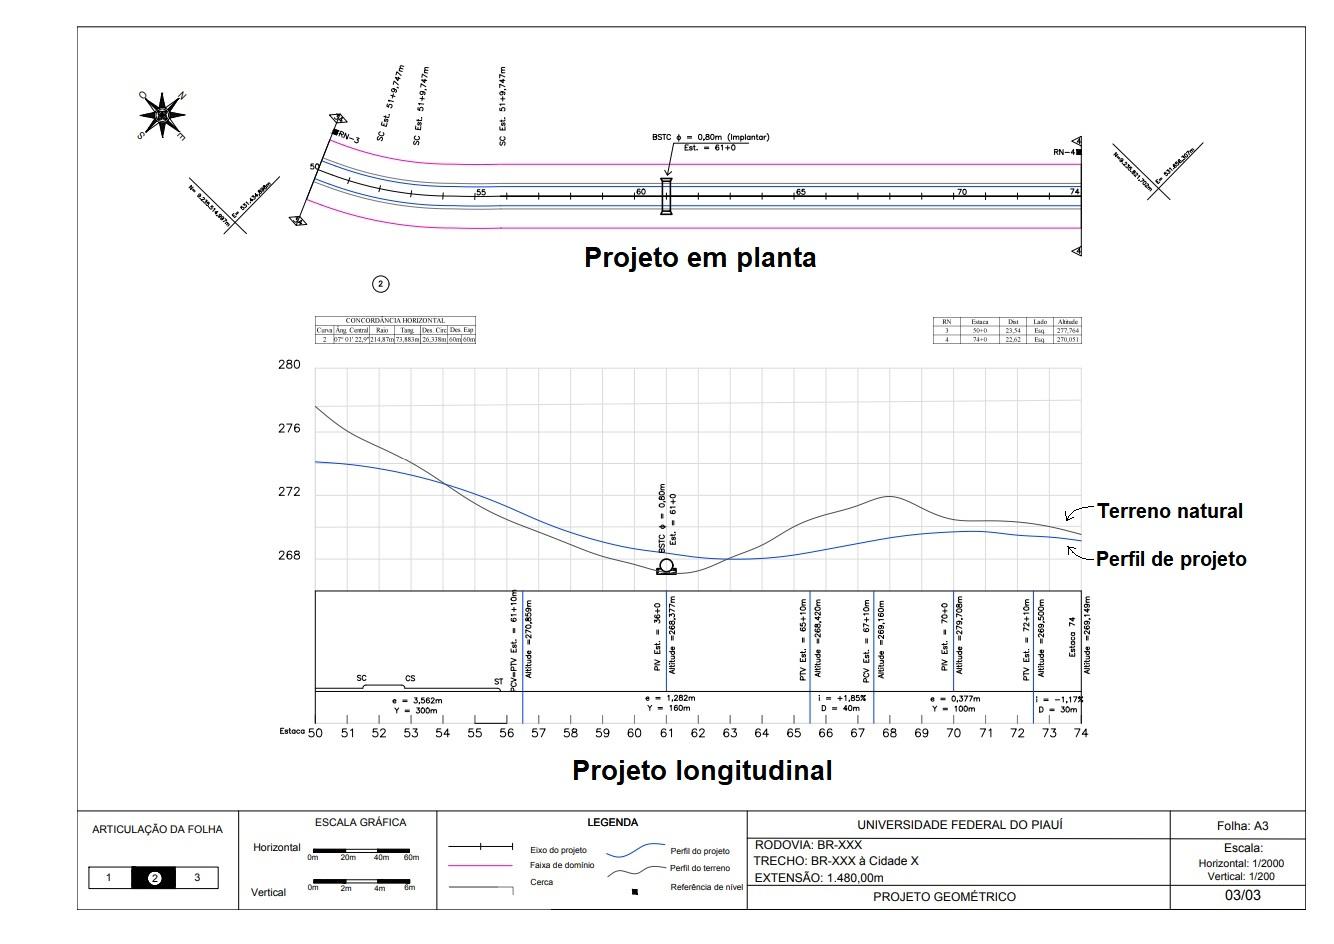 Exemplo de um projeto geométrico rodoviário